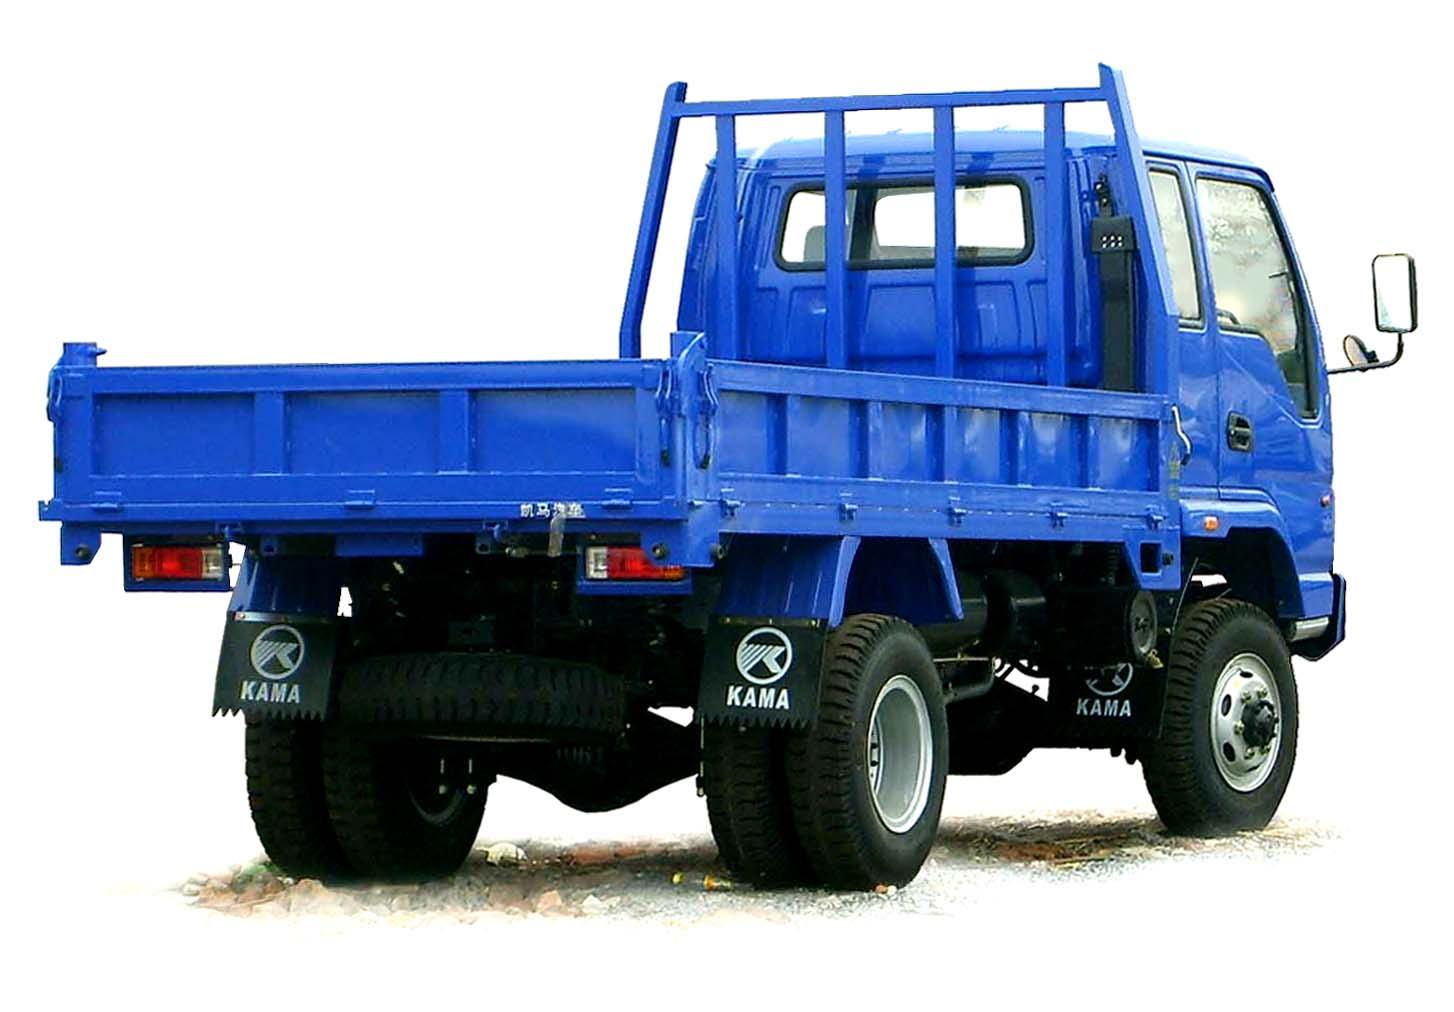 camion 4 4 4 4 4wd 6 roues trm 4 00 tonnes petites annonces gratuites au congo. Black Bedroom Furniture Sets. Home Design Ideas